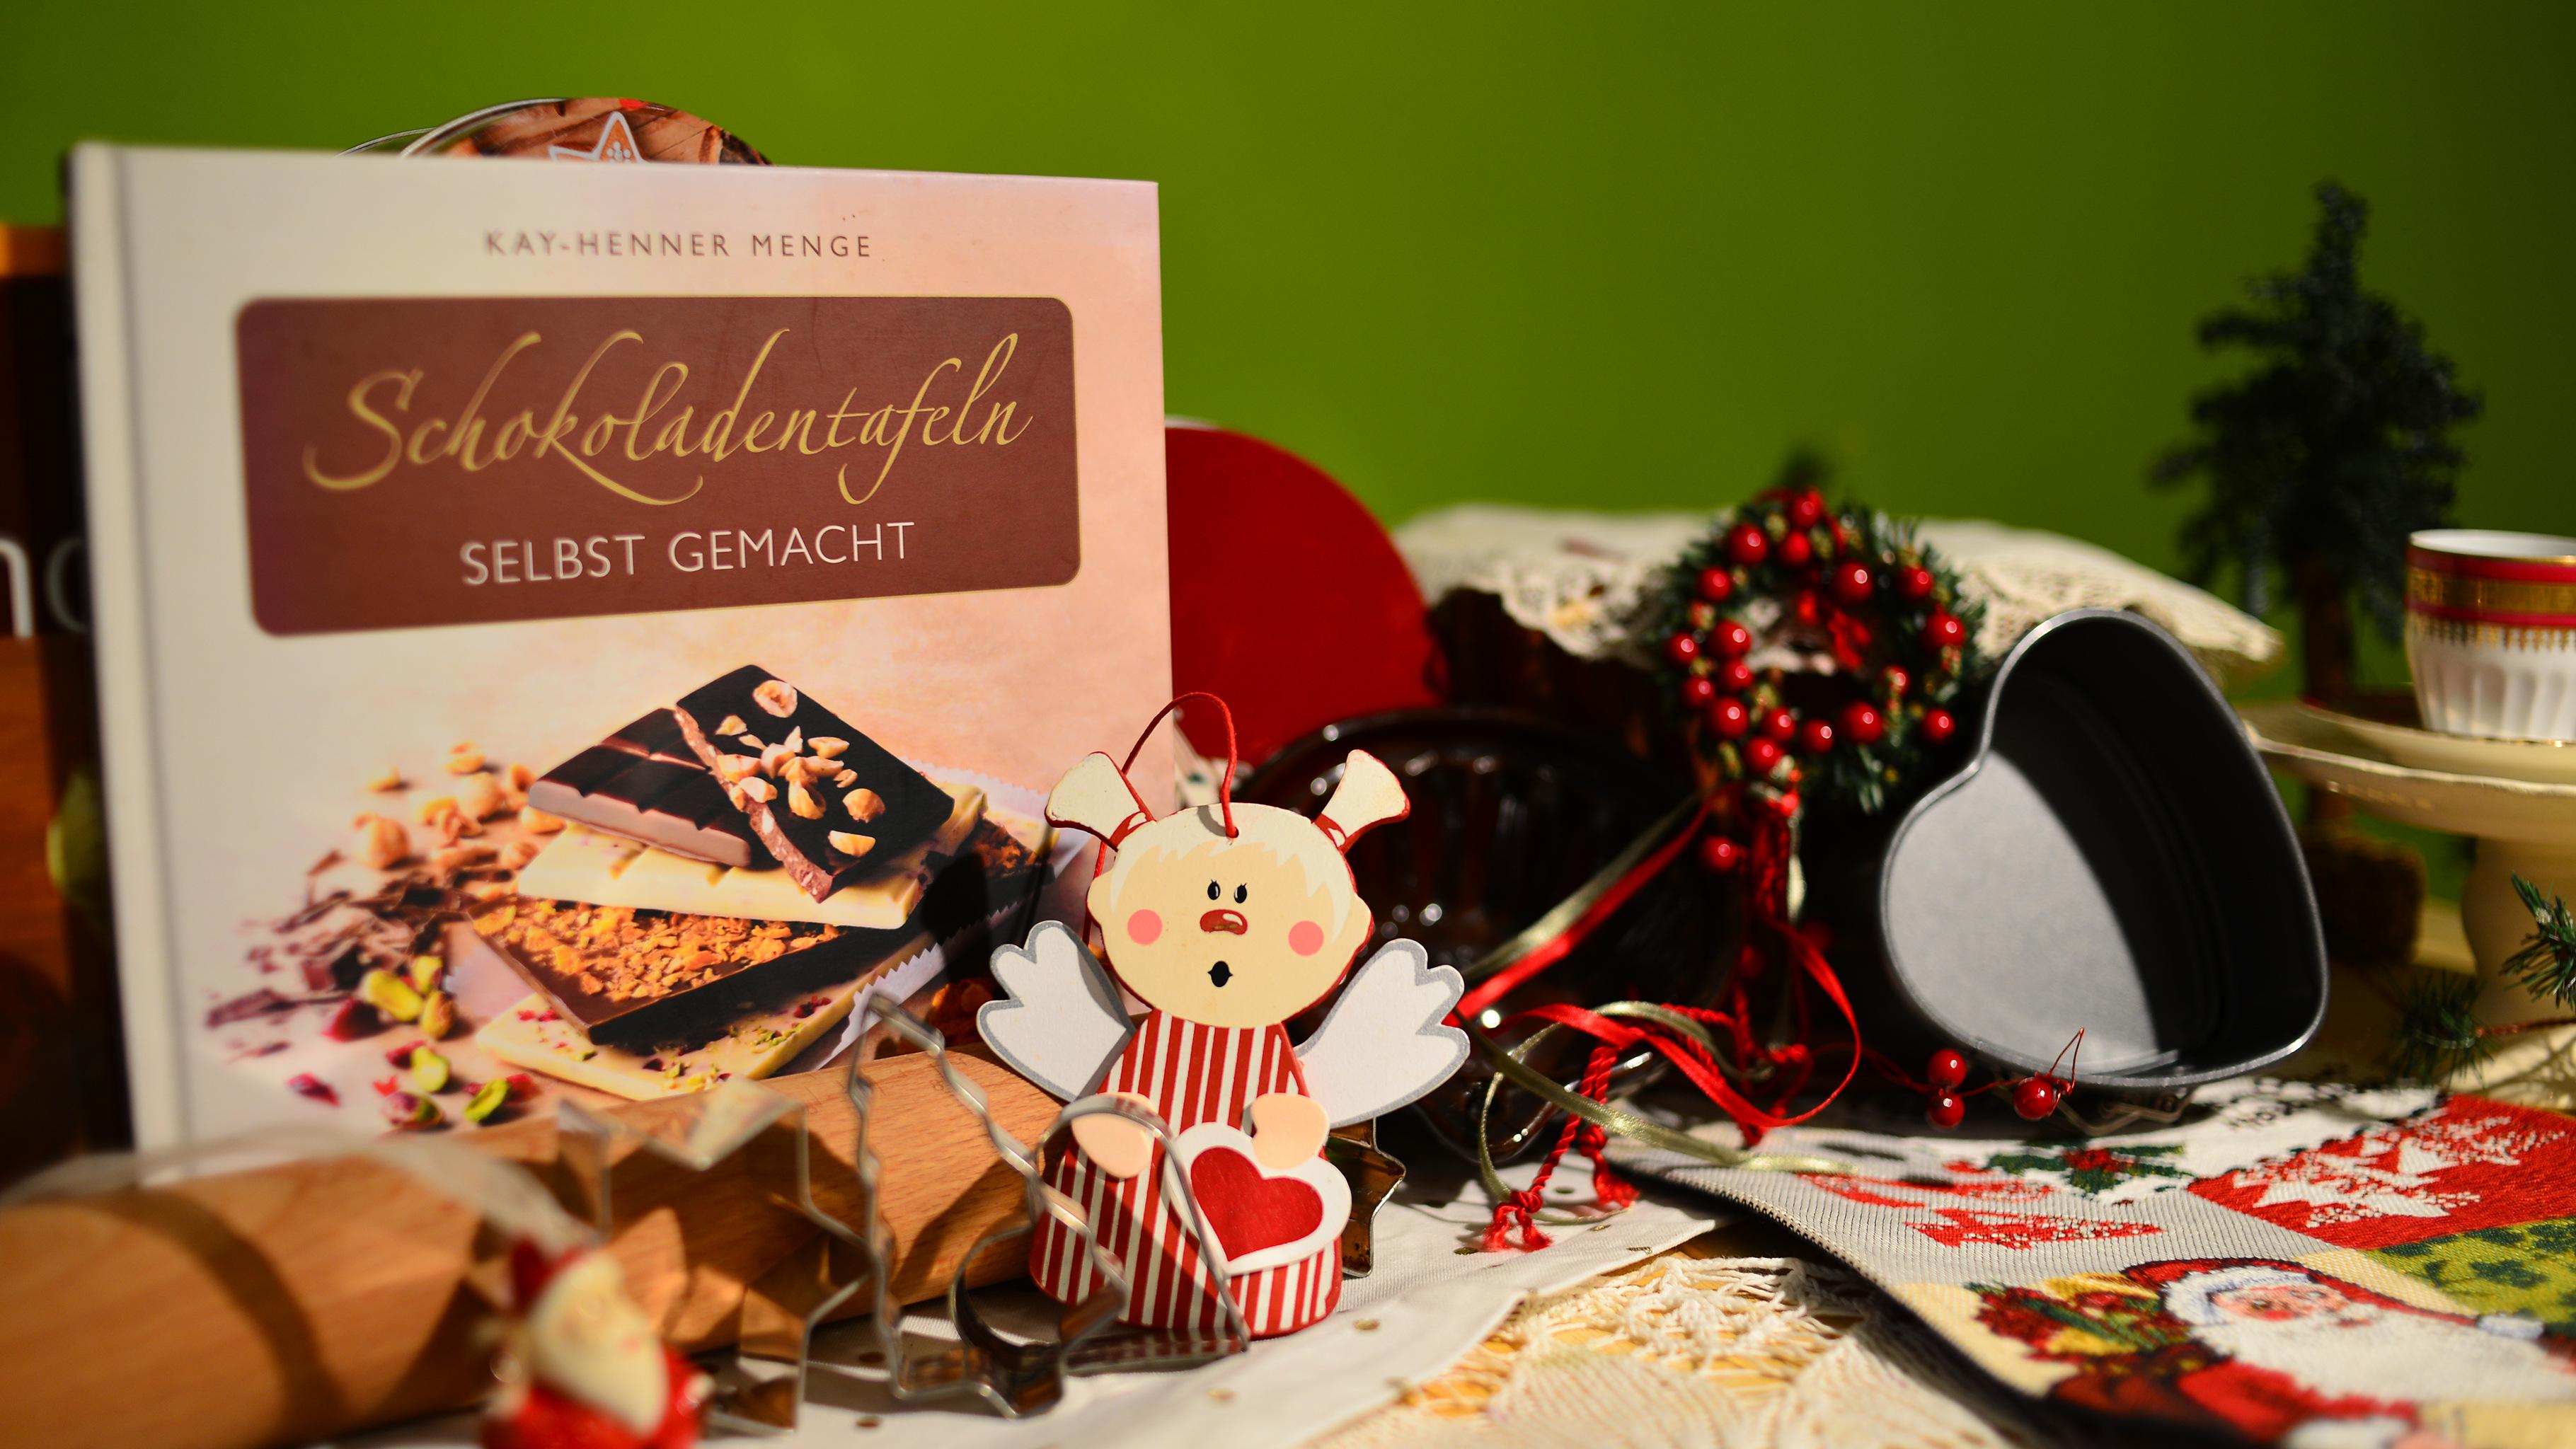 Weihnachtsdekoration aus dem Oxfam Shop